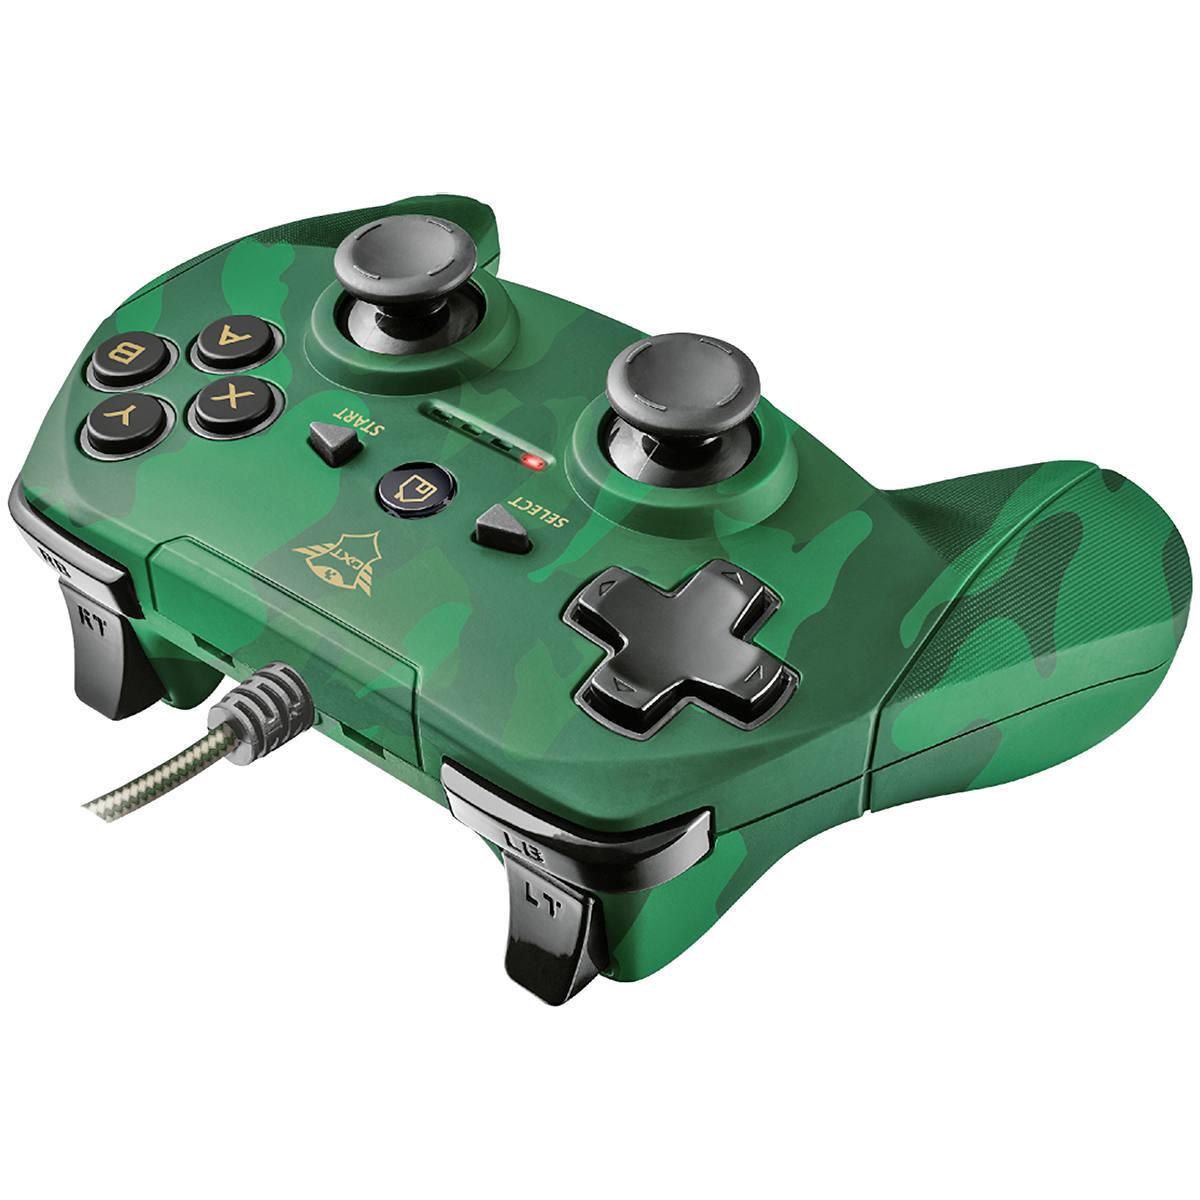 Controle Gamepad para PC com 13 botões 2 Joysticks D-pad Cabo de 3 metros Trust GXT 540C Yula Camuflado